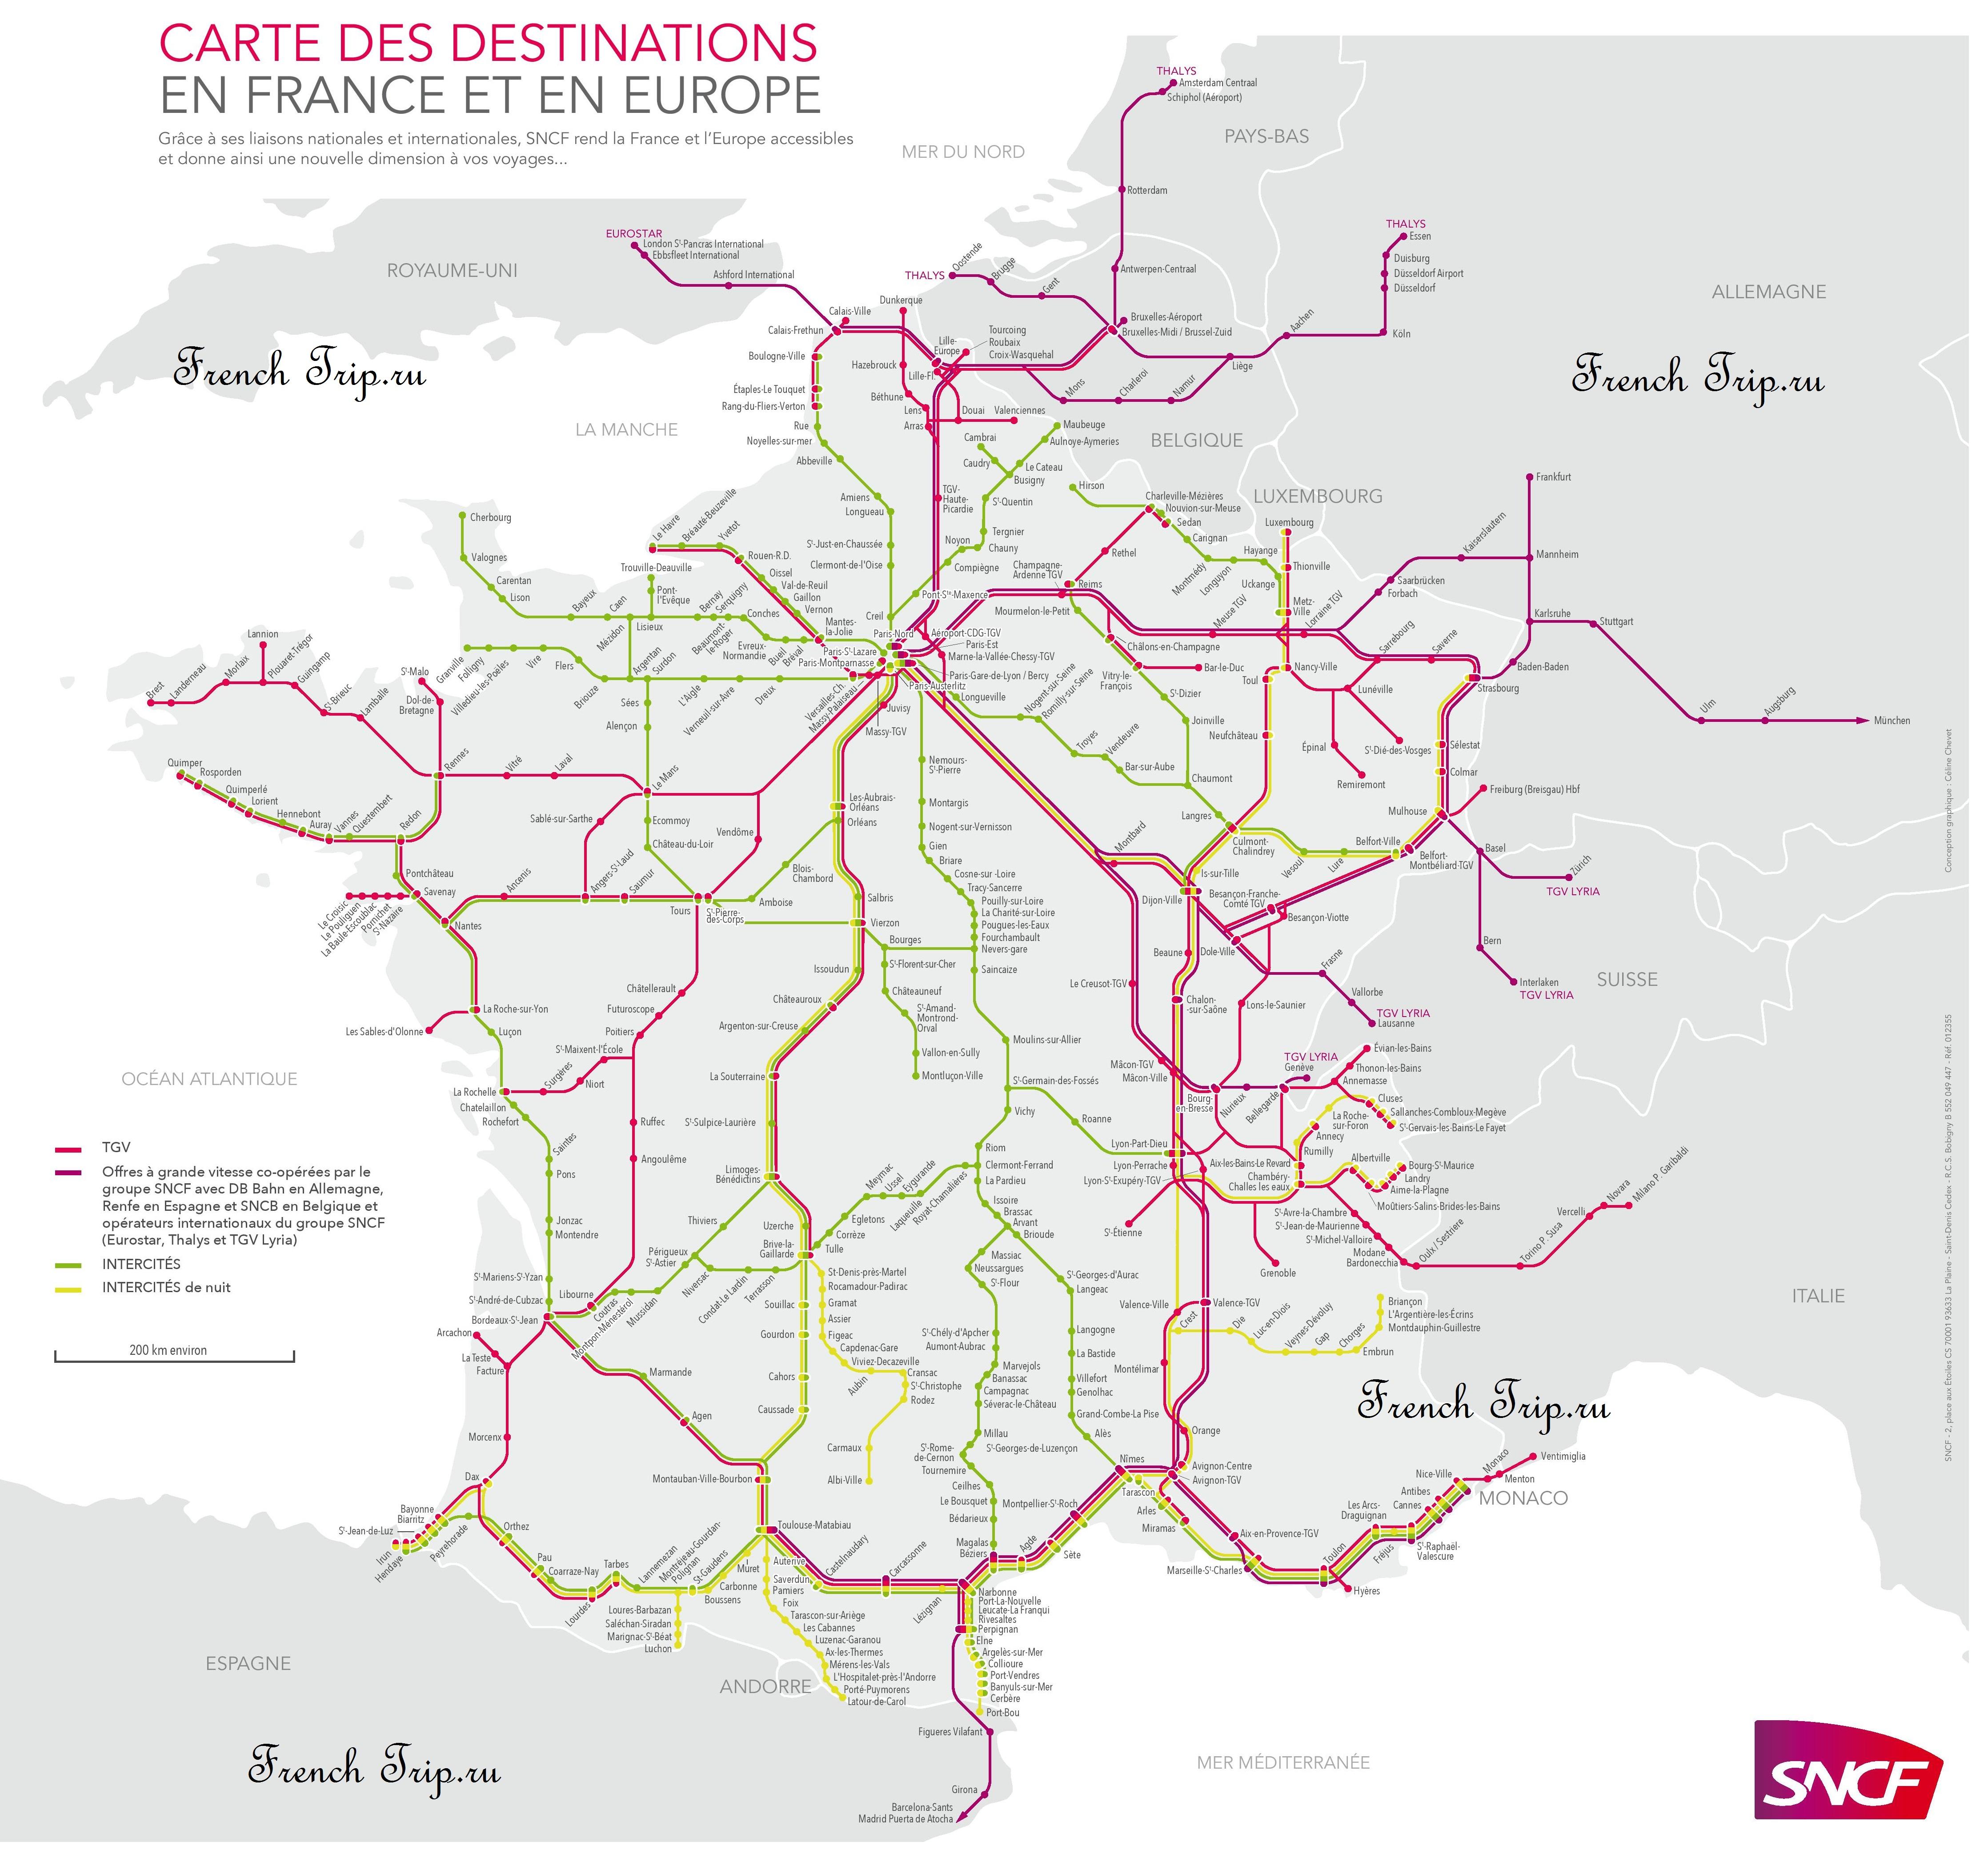 Карта Нима (Nîmes) с отмеченными достопримечательностями, путеводитель по Ниму, что посмотреть в Ниме, туристический маршрут по городу Ним, Франция, Лангедок-Русийон, Nimes tourist map Languedoc-Rousillon travel guide sights what to see